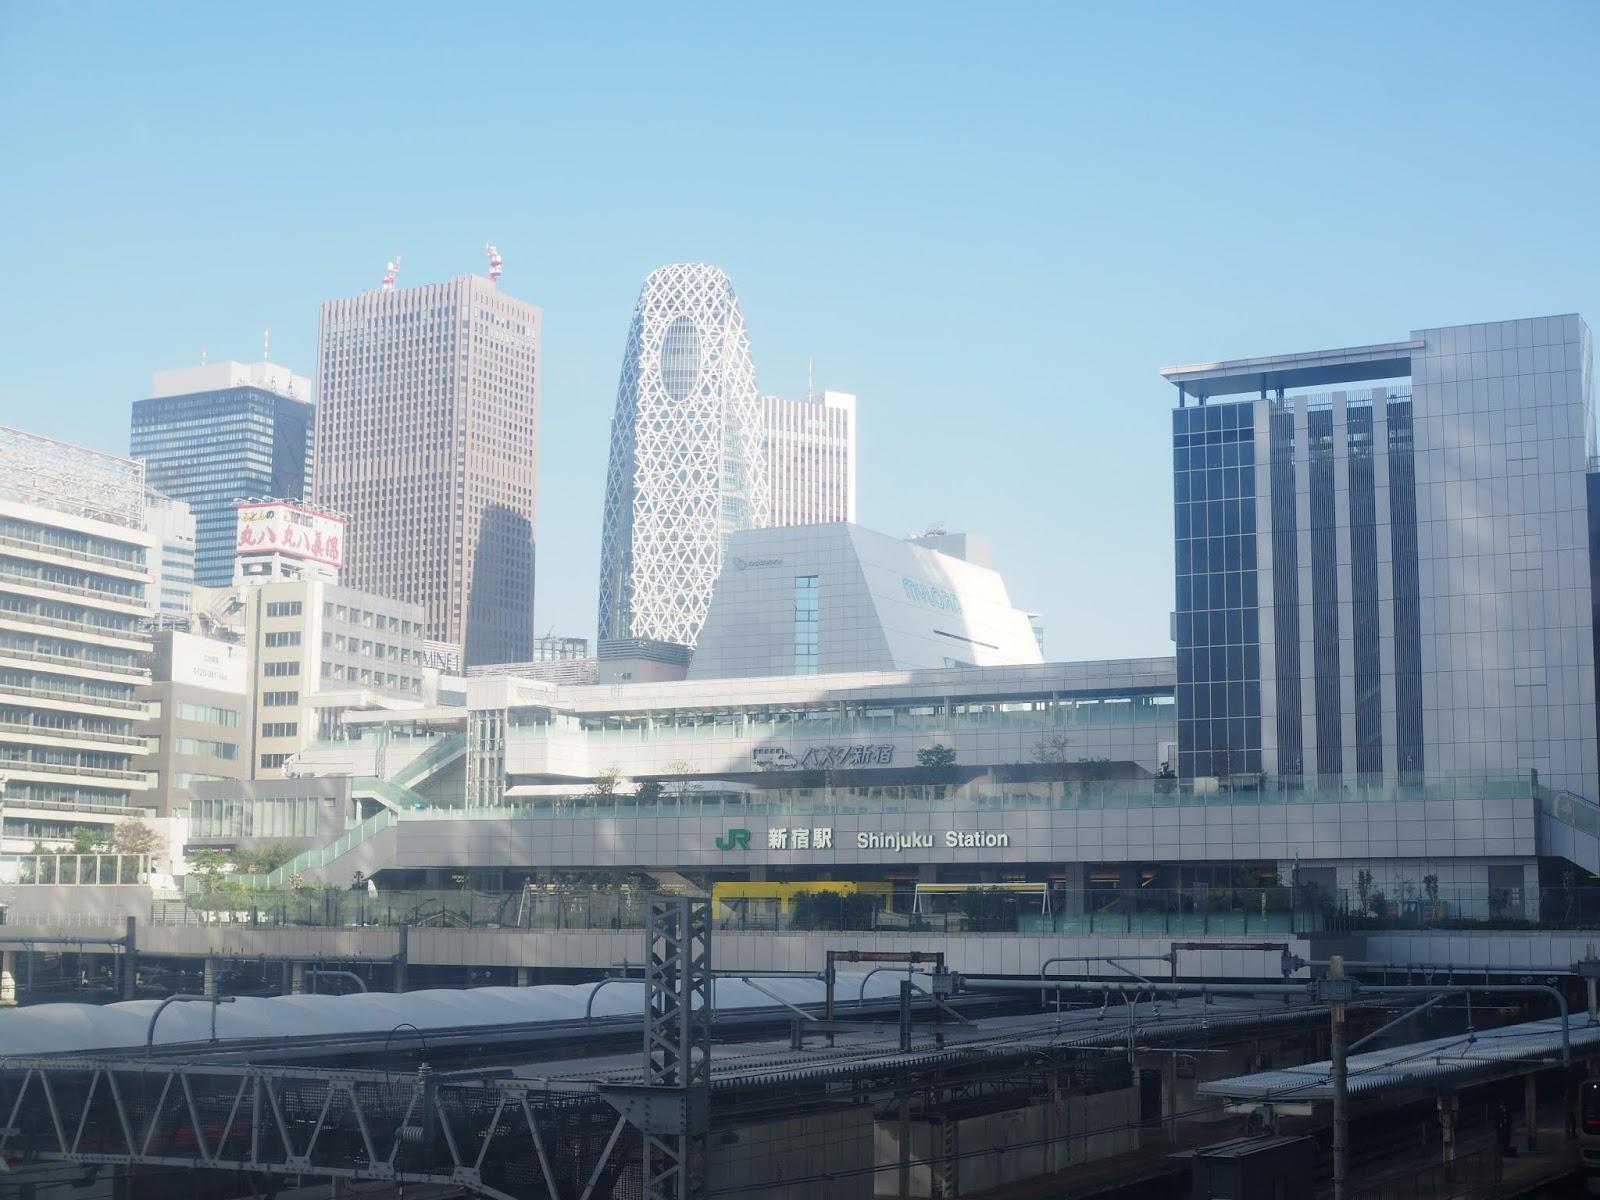 Shinjuku Station going to Bus Terminal